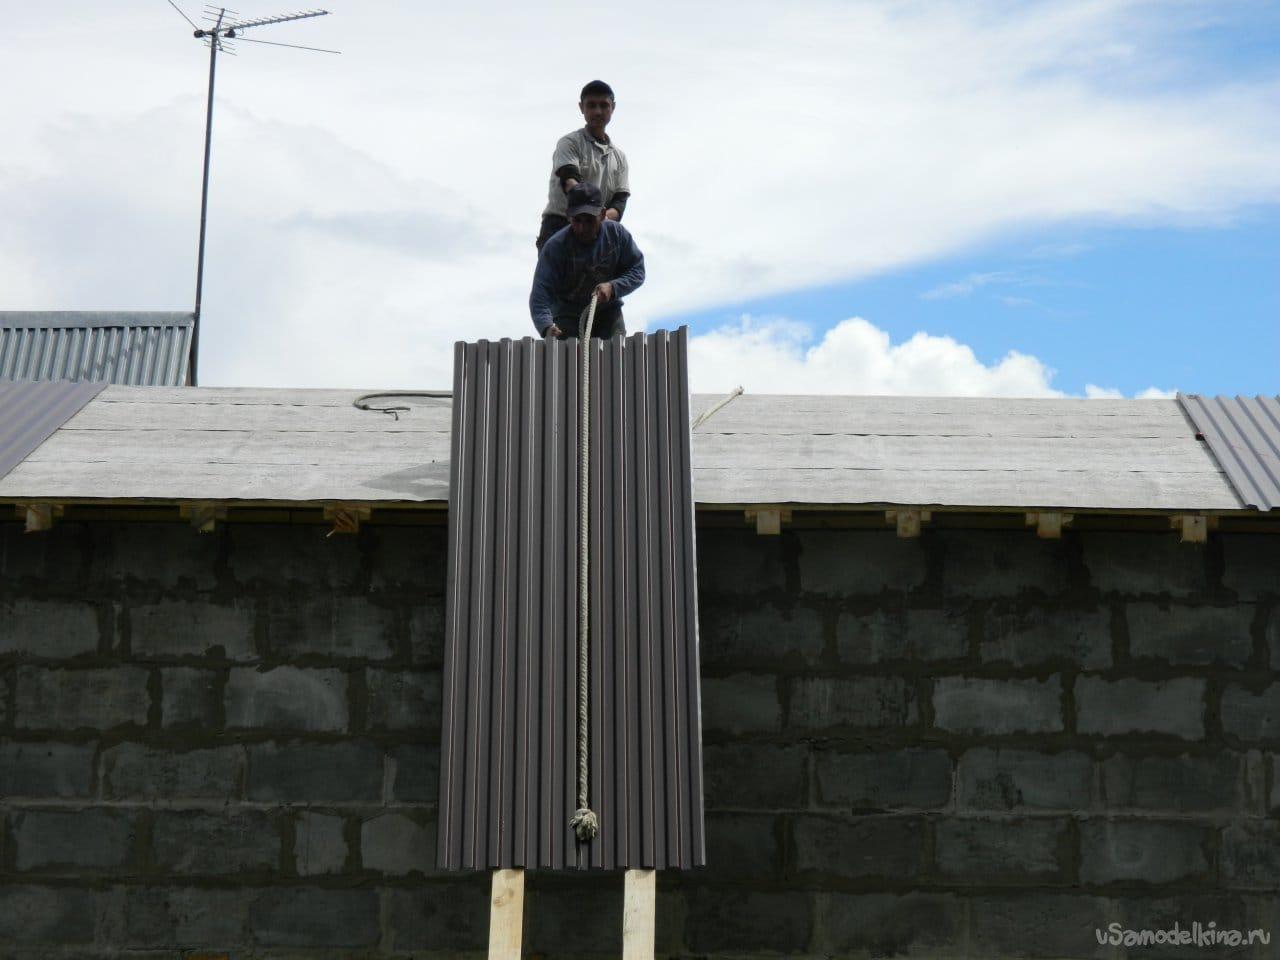 Строительство гаража с жилой зоной на втором этаже